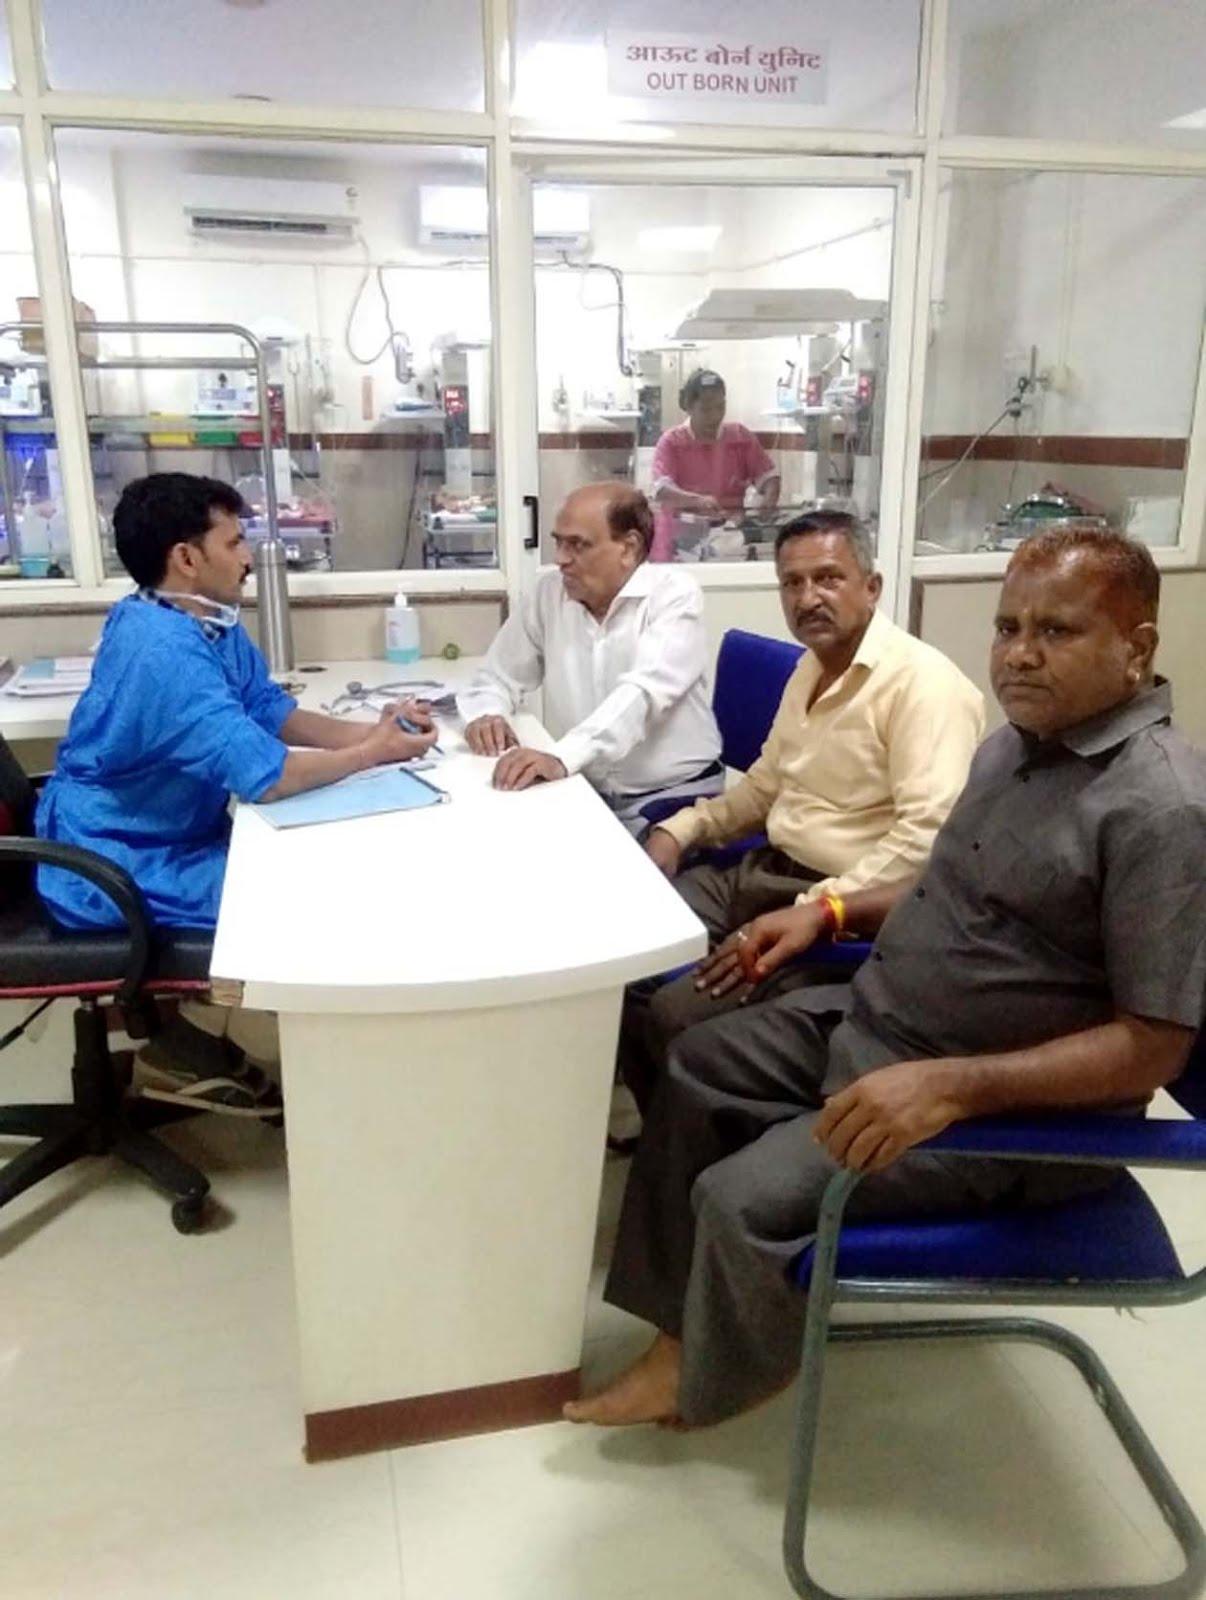 Jhabua News-जिला बाल अधिकार मंच की टीम ने एसएनसीयू पहुंचकर लावारिस बच्ची के स्वास्थ्य के बारे में जाना